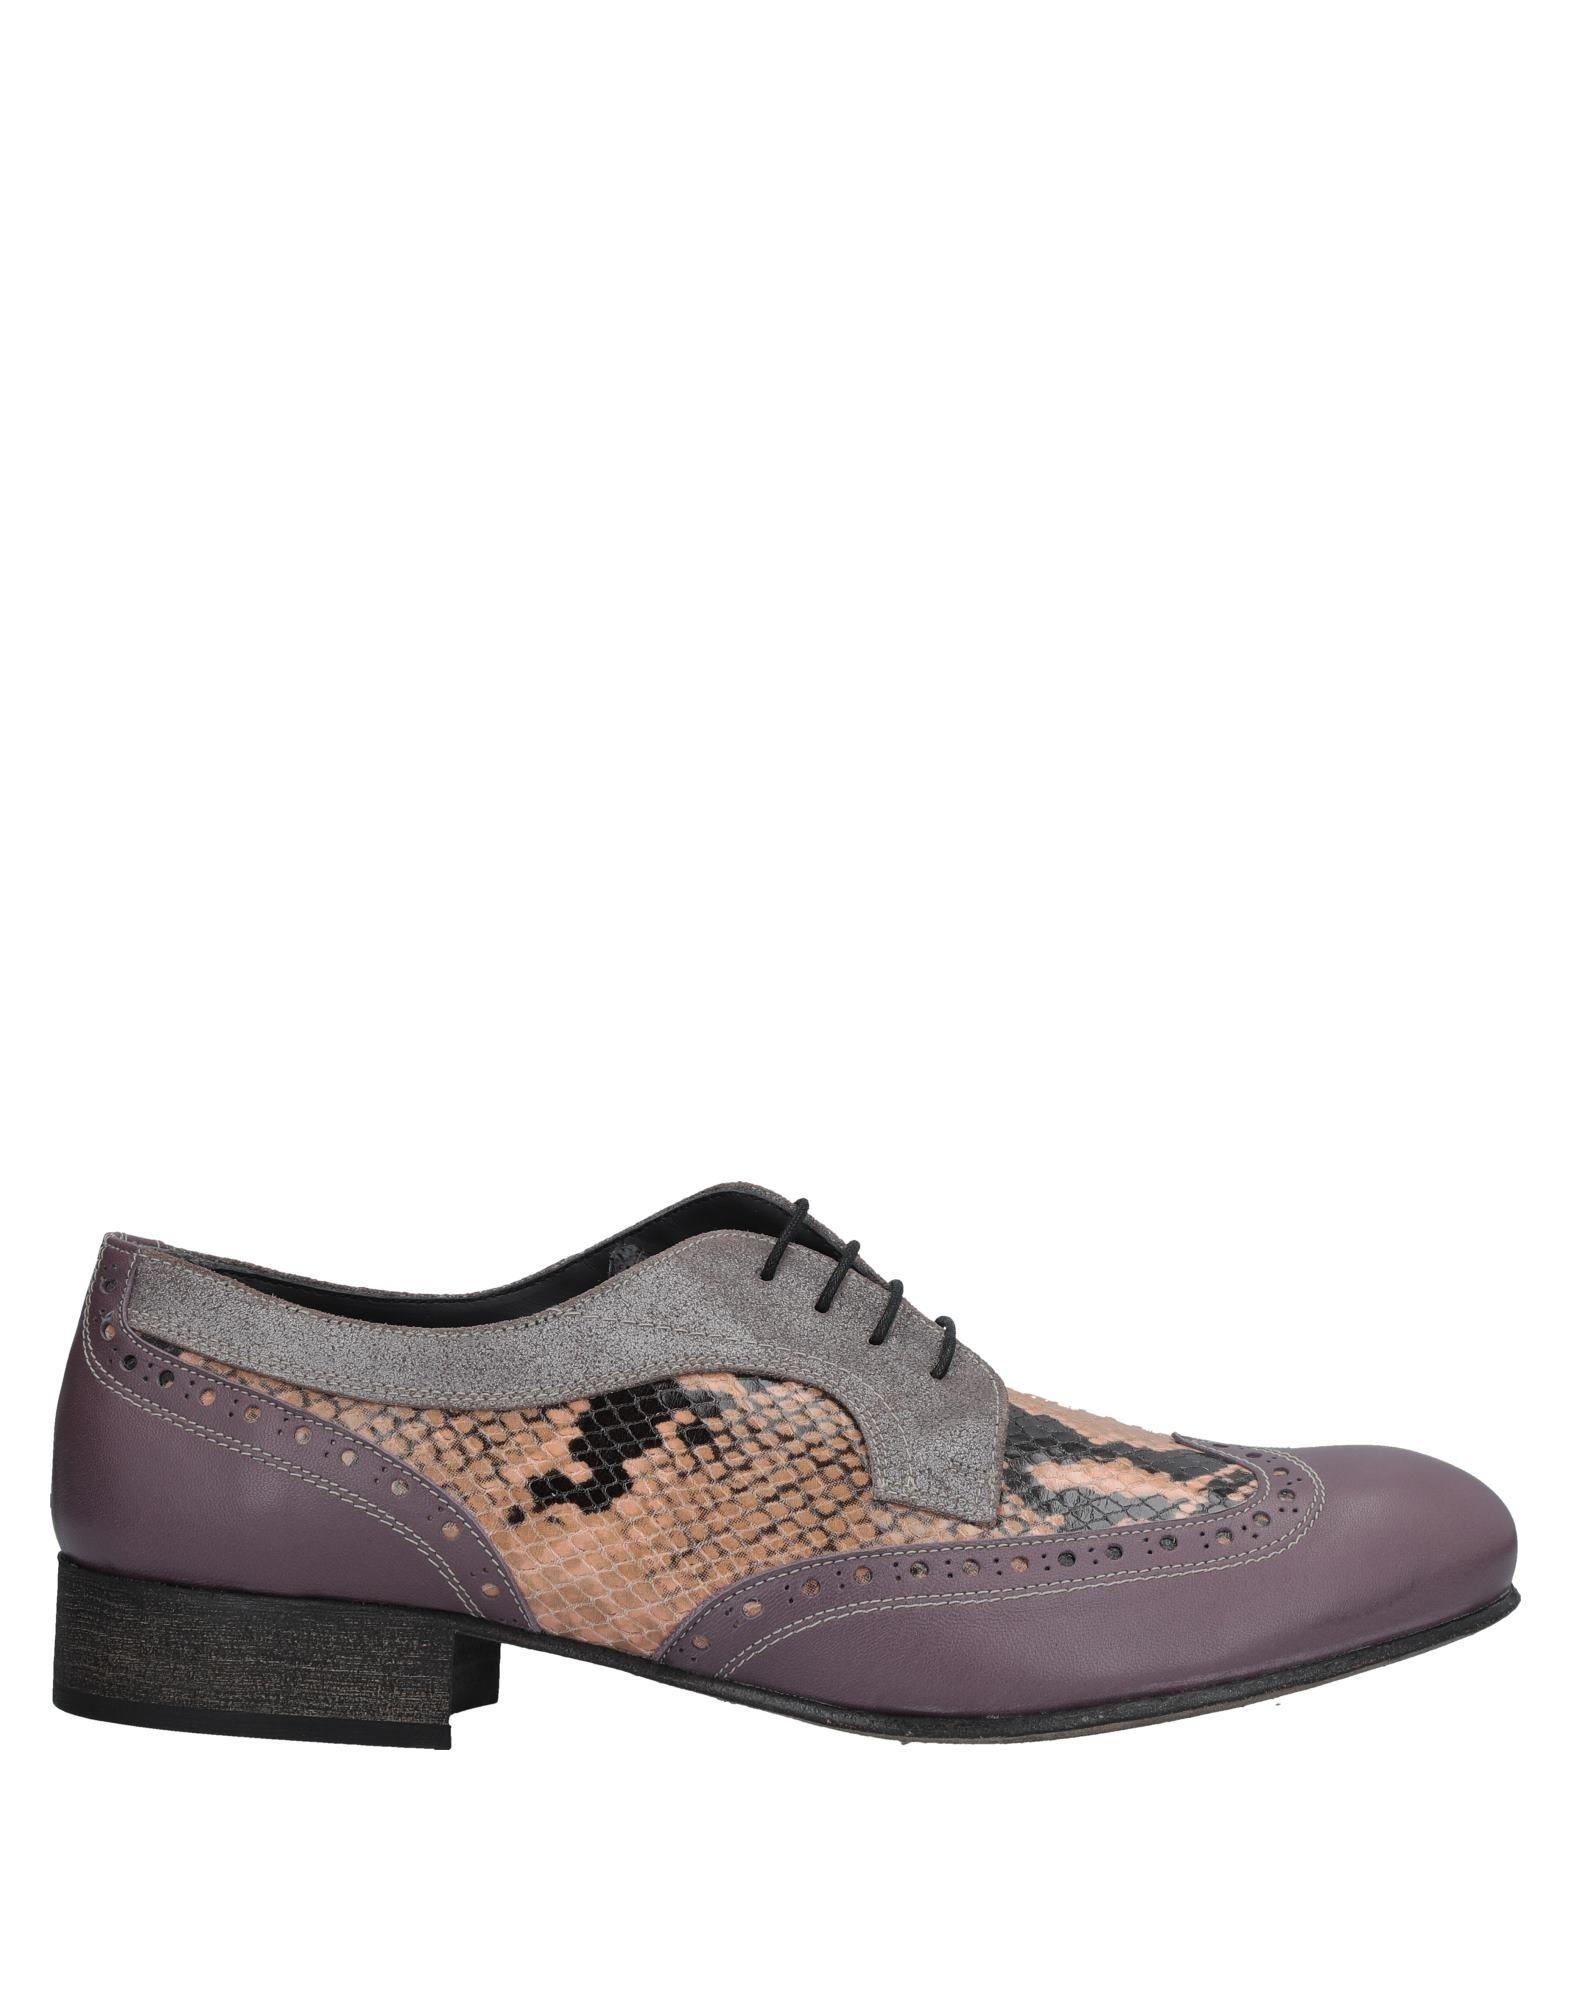 Rabatt echte Schuhe Ebarrito Schnürschuhe Herren  11536938DT